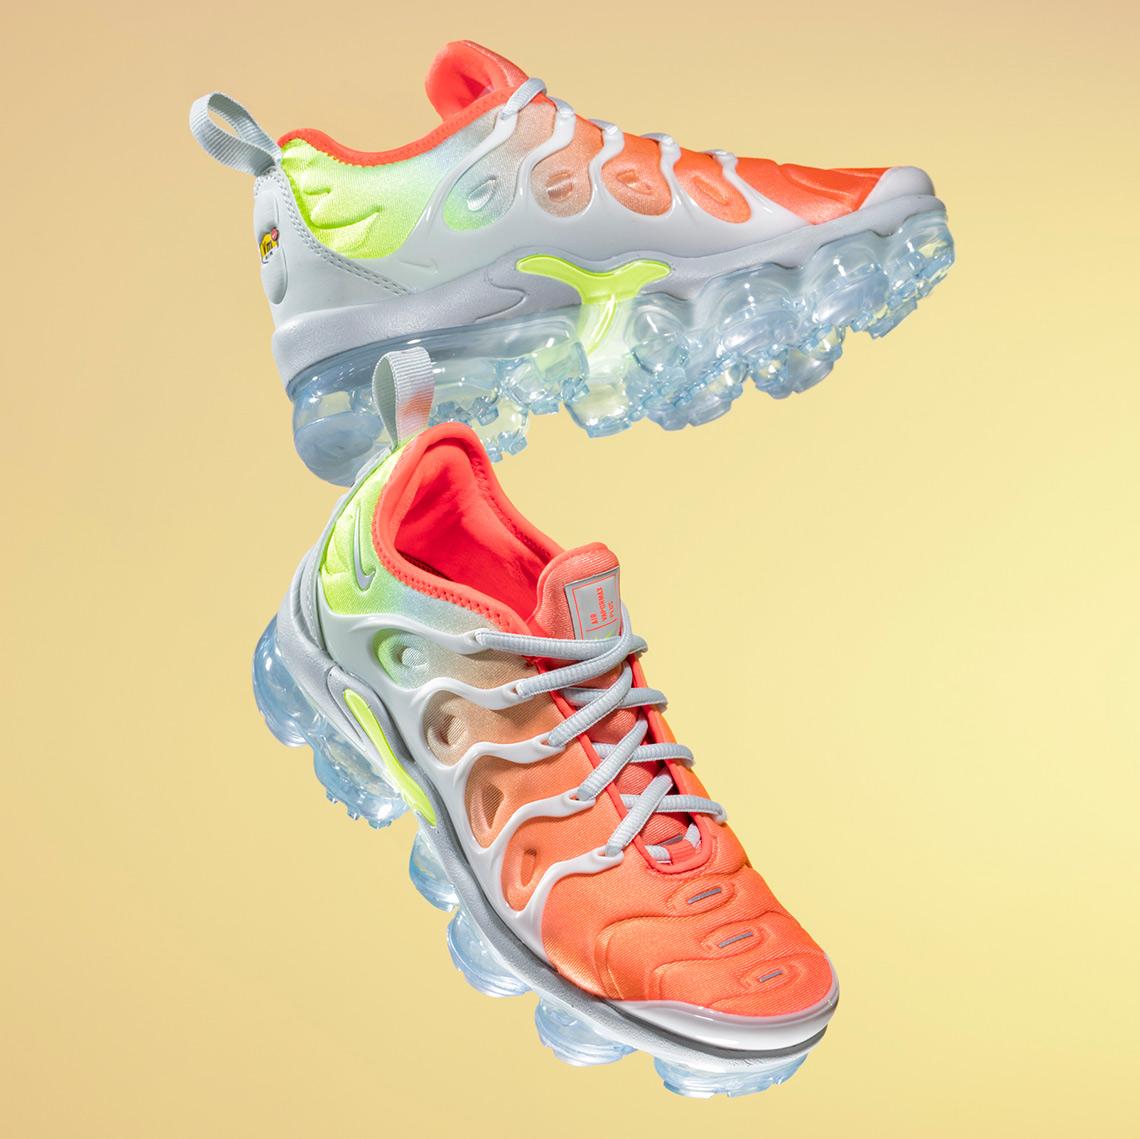 301c2d73ea7 Nike Vapormax Plus Spring Collection 924453-009 AO4550-100 AO4550 ...